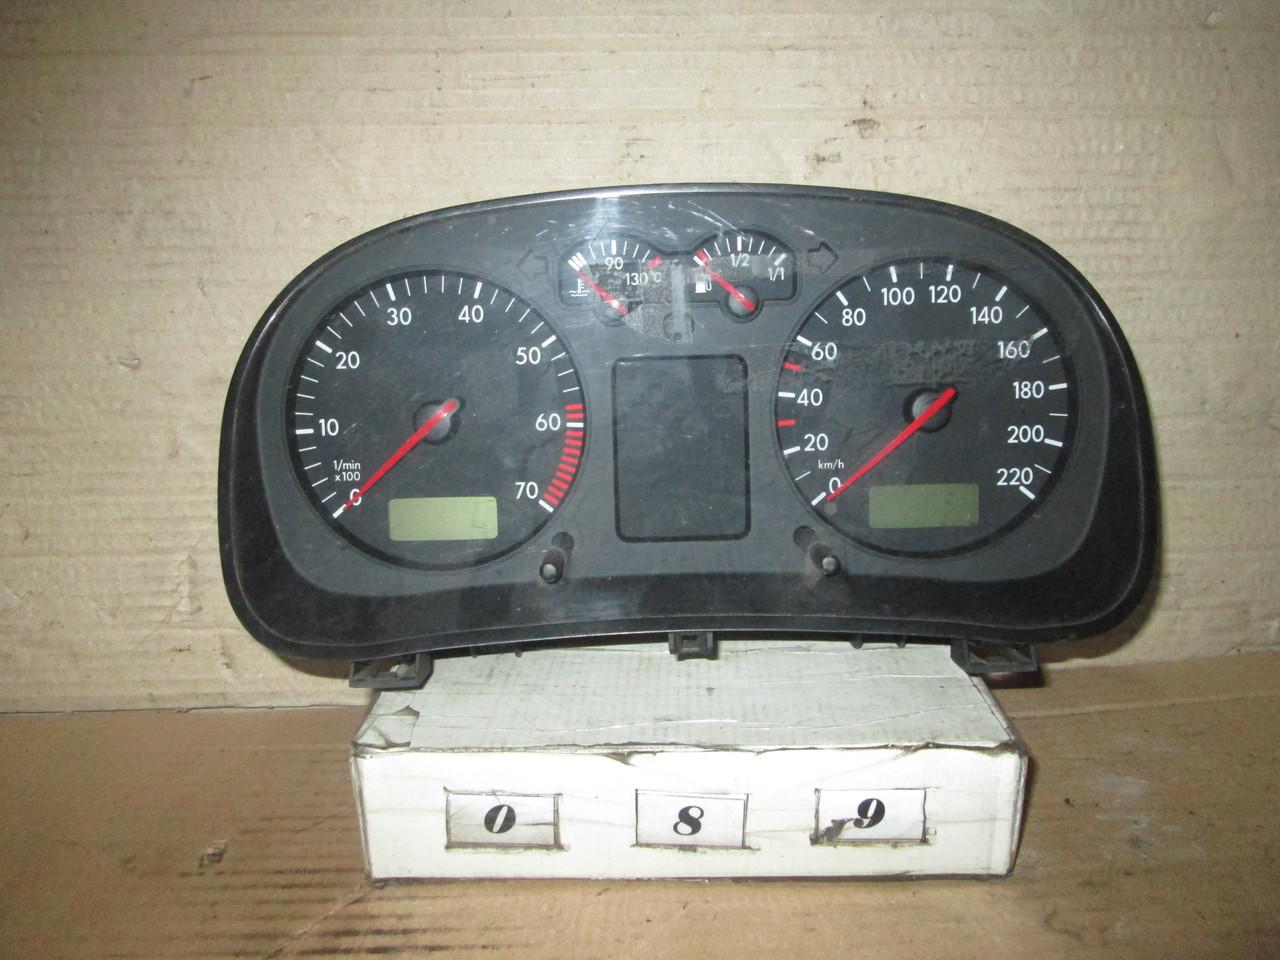 №89 Б/у Панель приладів/спідометр 1J0920801 для VW Golf IV Bora 1997-2004